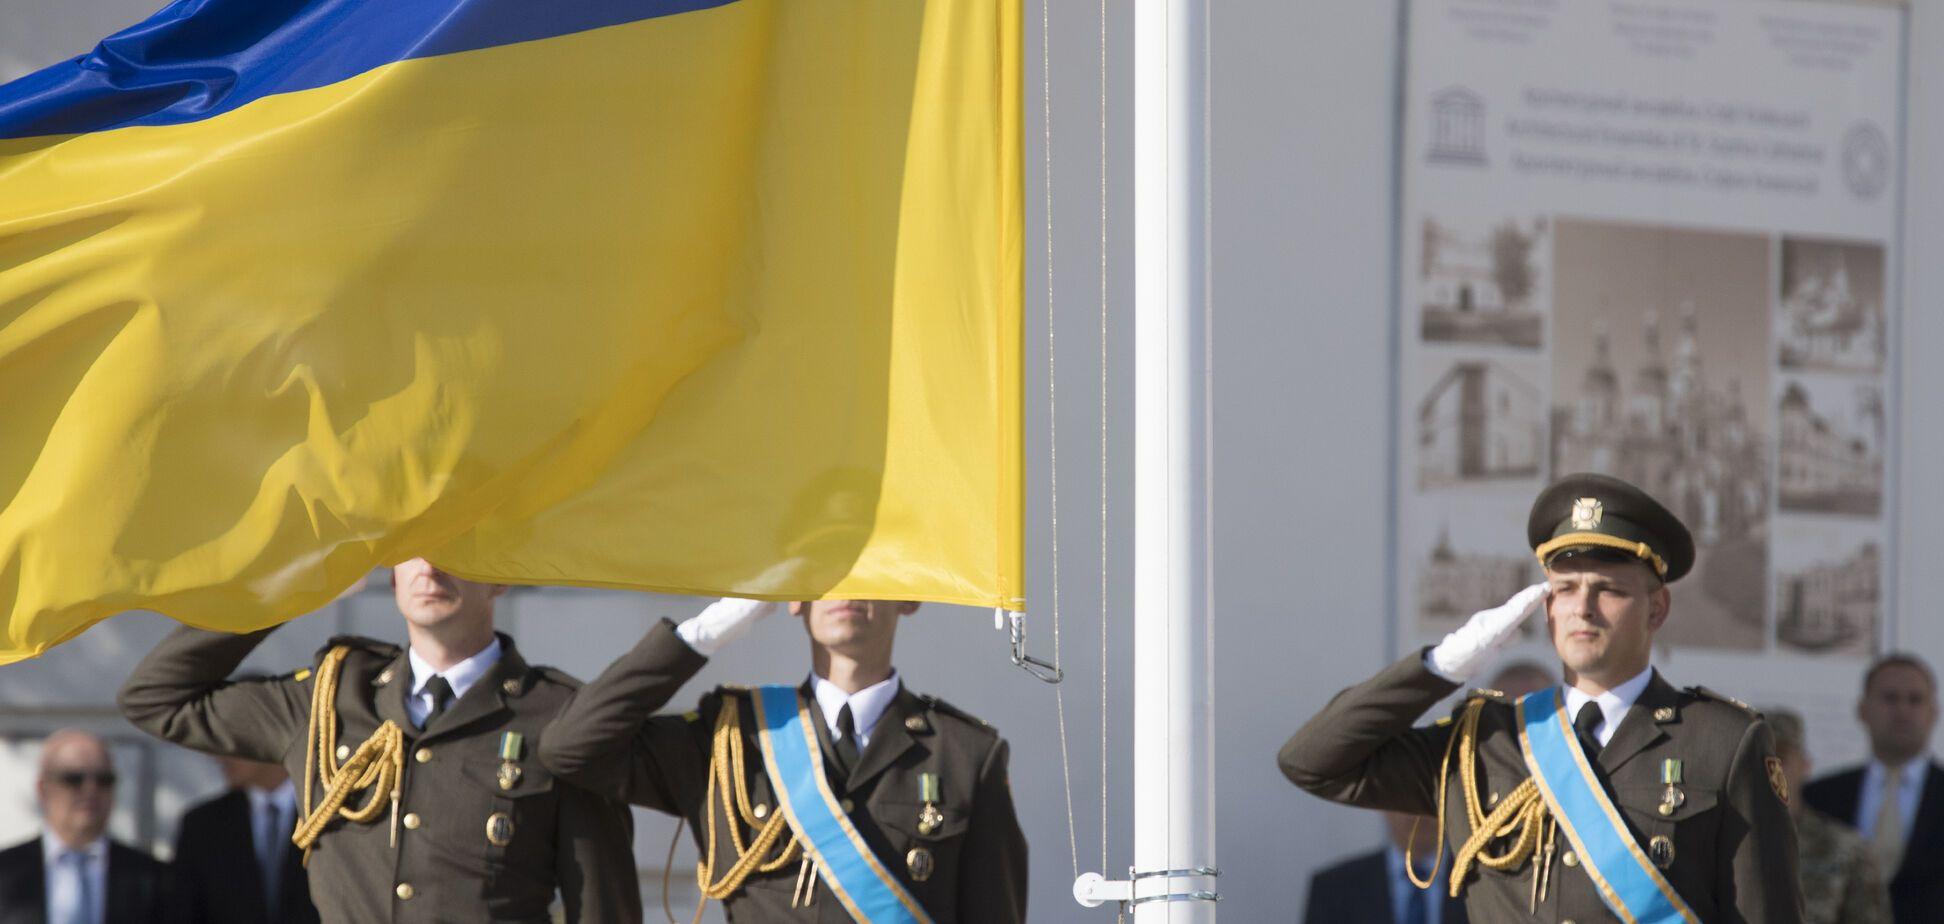 Онищенко і ко: найбільші неплатники податків заборгували Україні 80 млрд